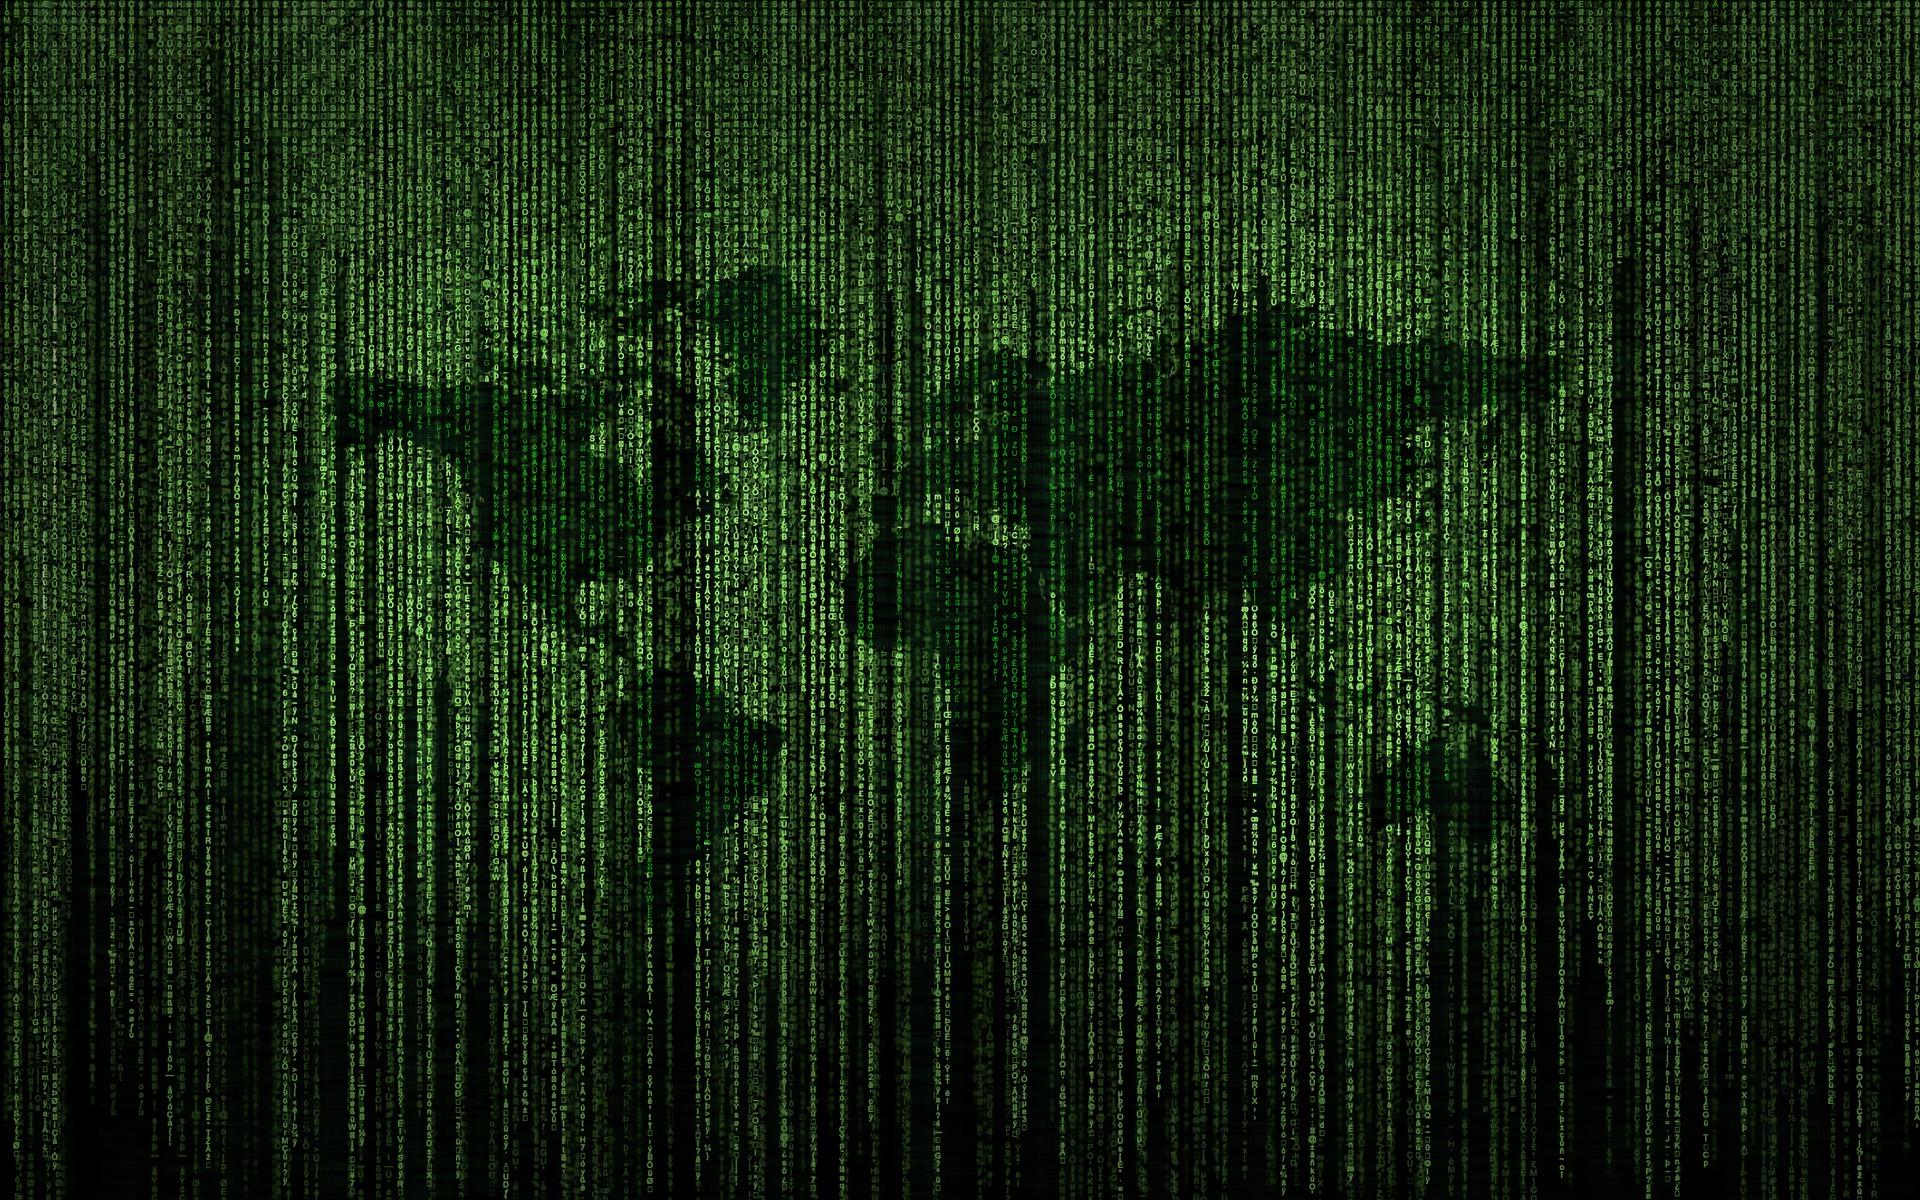 Cabe multa cominatória em ação de fornecimento de dados para identificar ofensor virtual, decide Quarta Turma